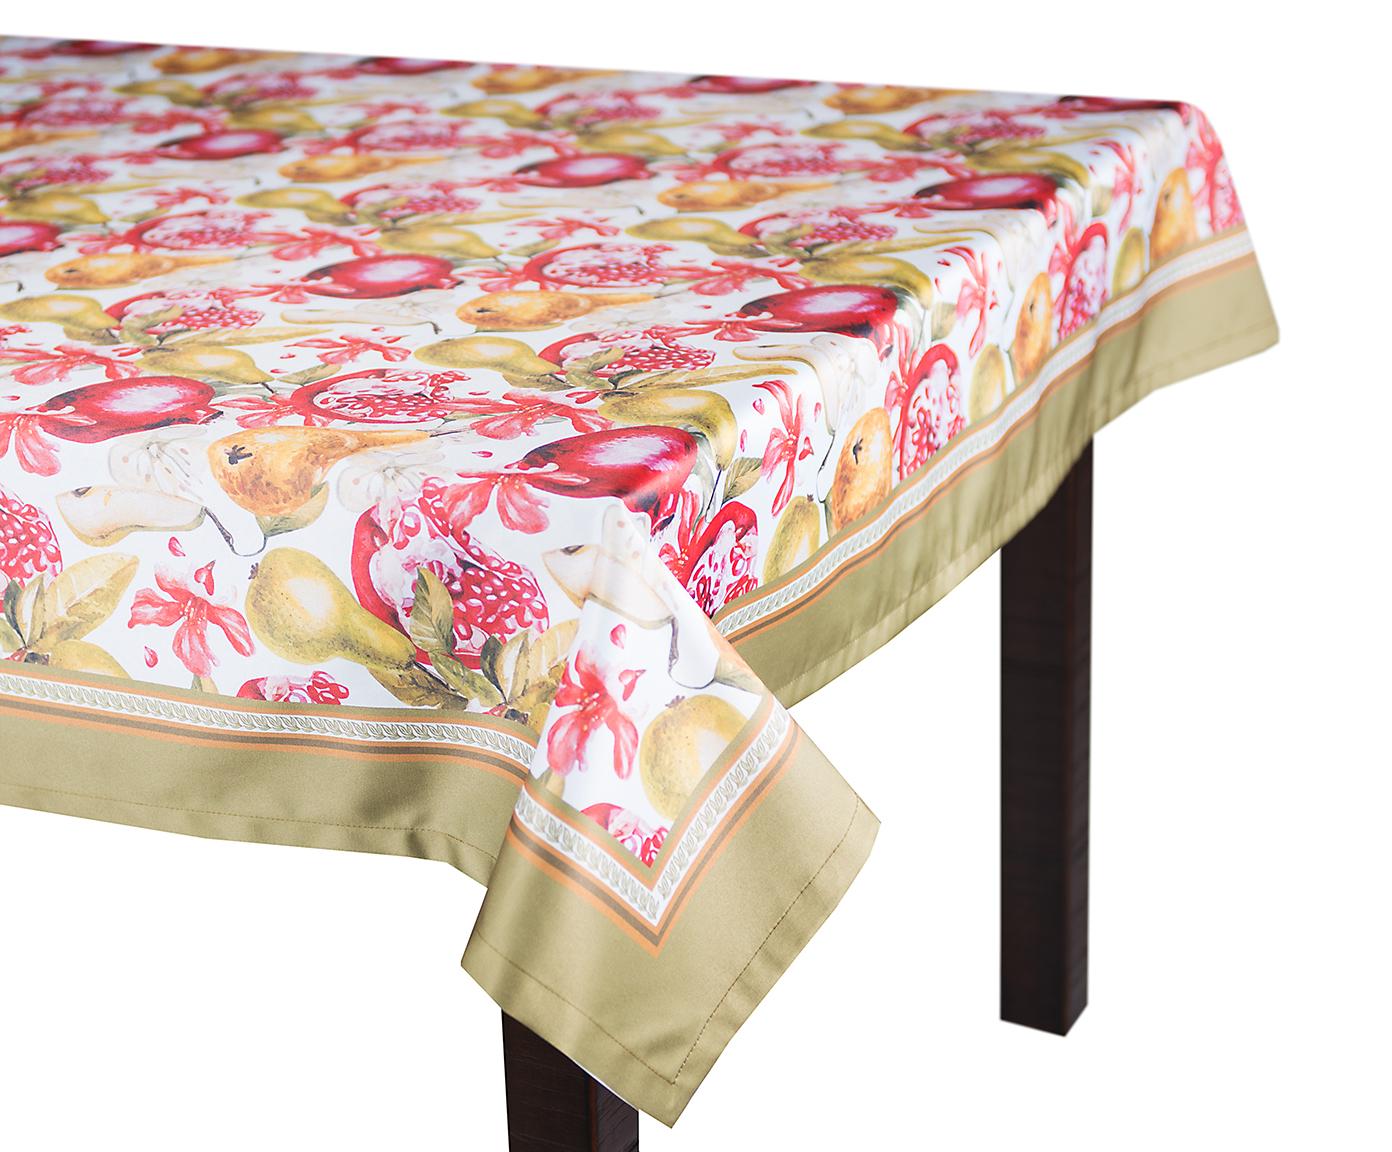 Кухня Скатерть 140x140 Blonder Home Fusion skatert-140x140-blonder-home-fusion-ssha-rossiya.jpg